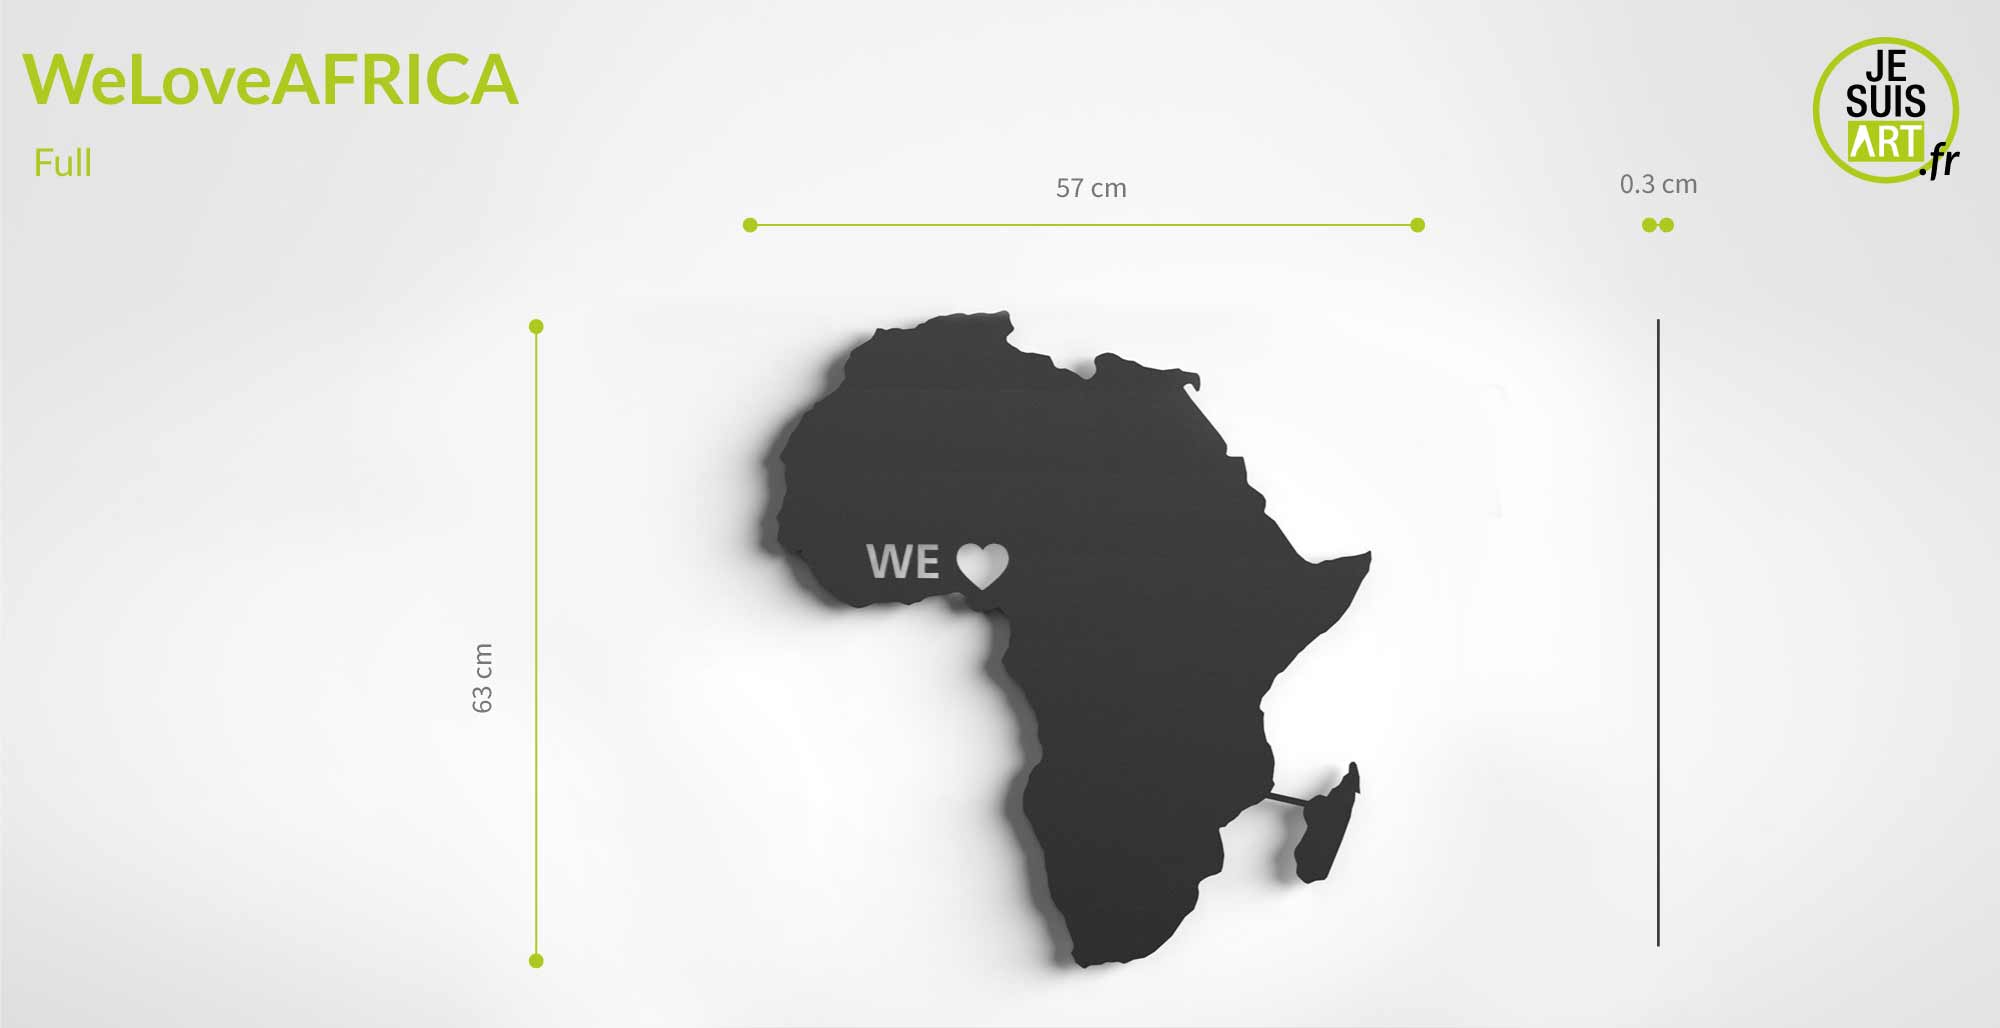 WeLove-AFRICA_Full